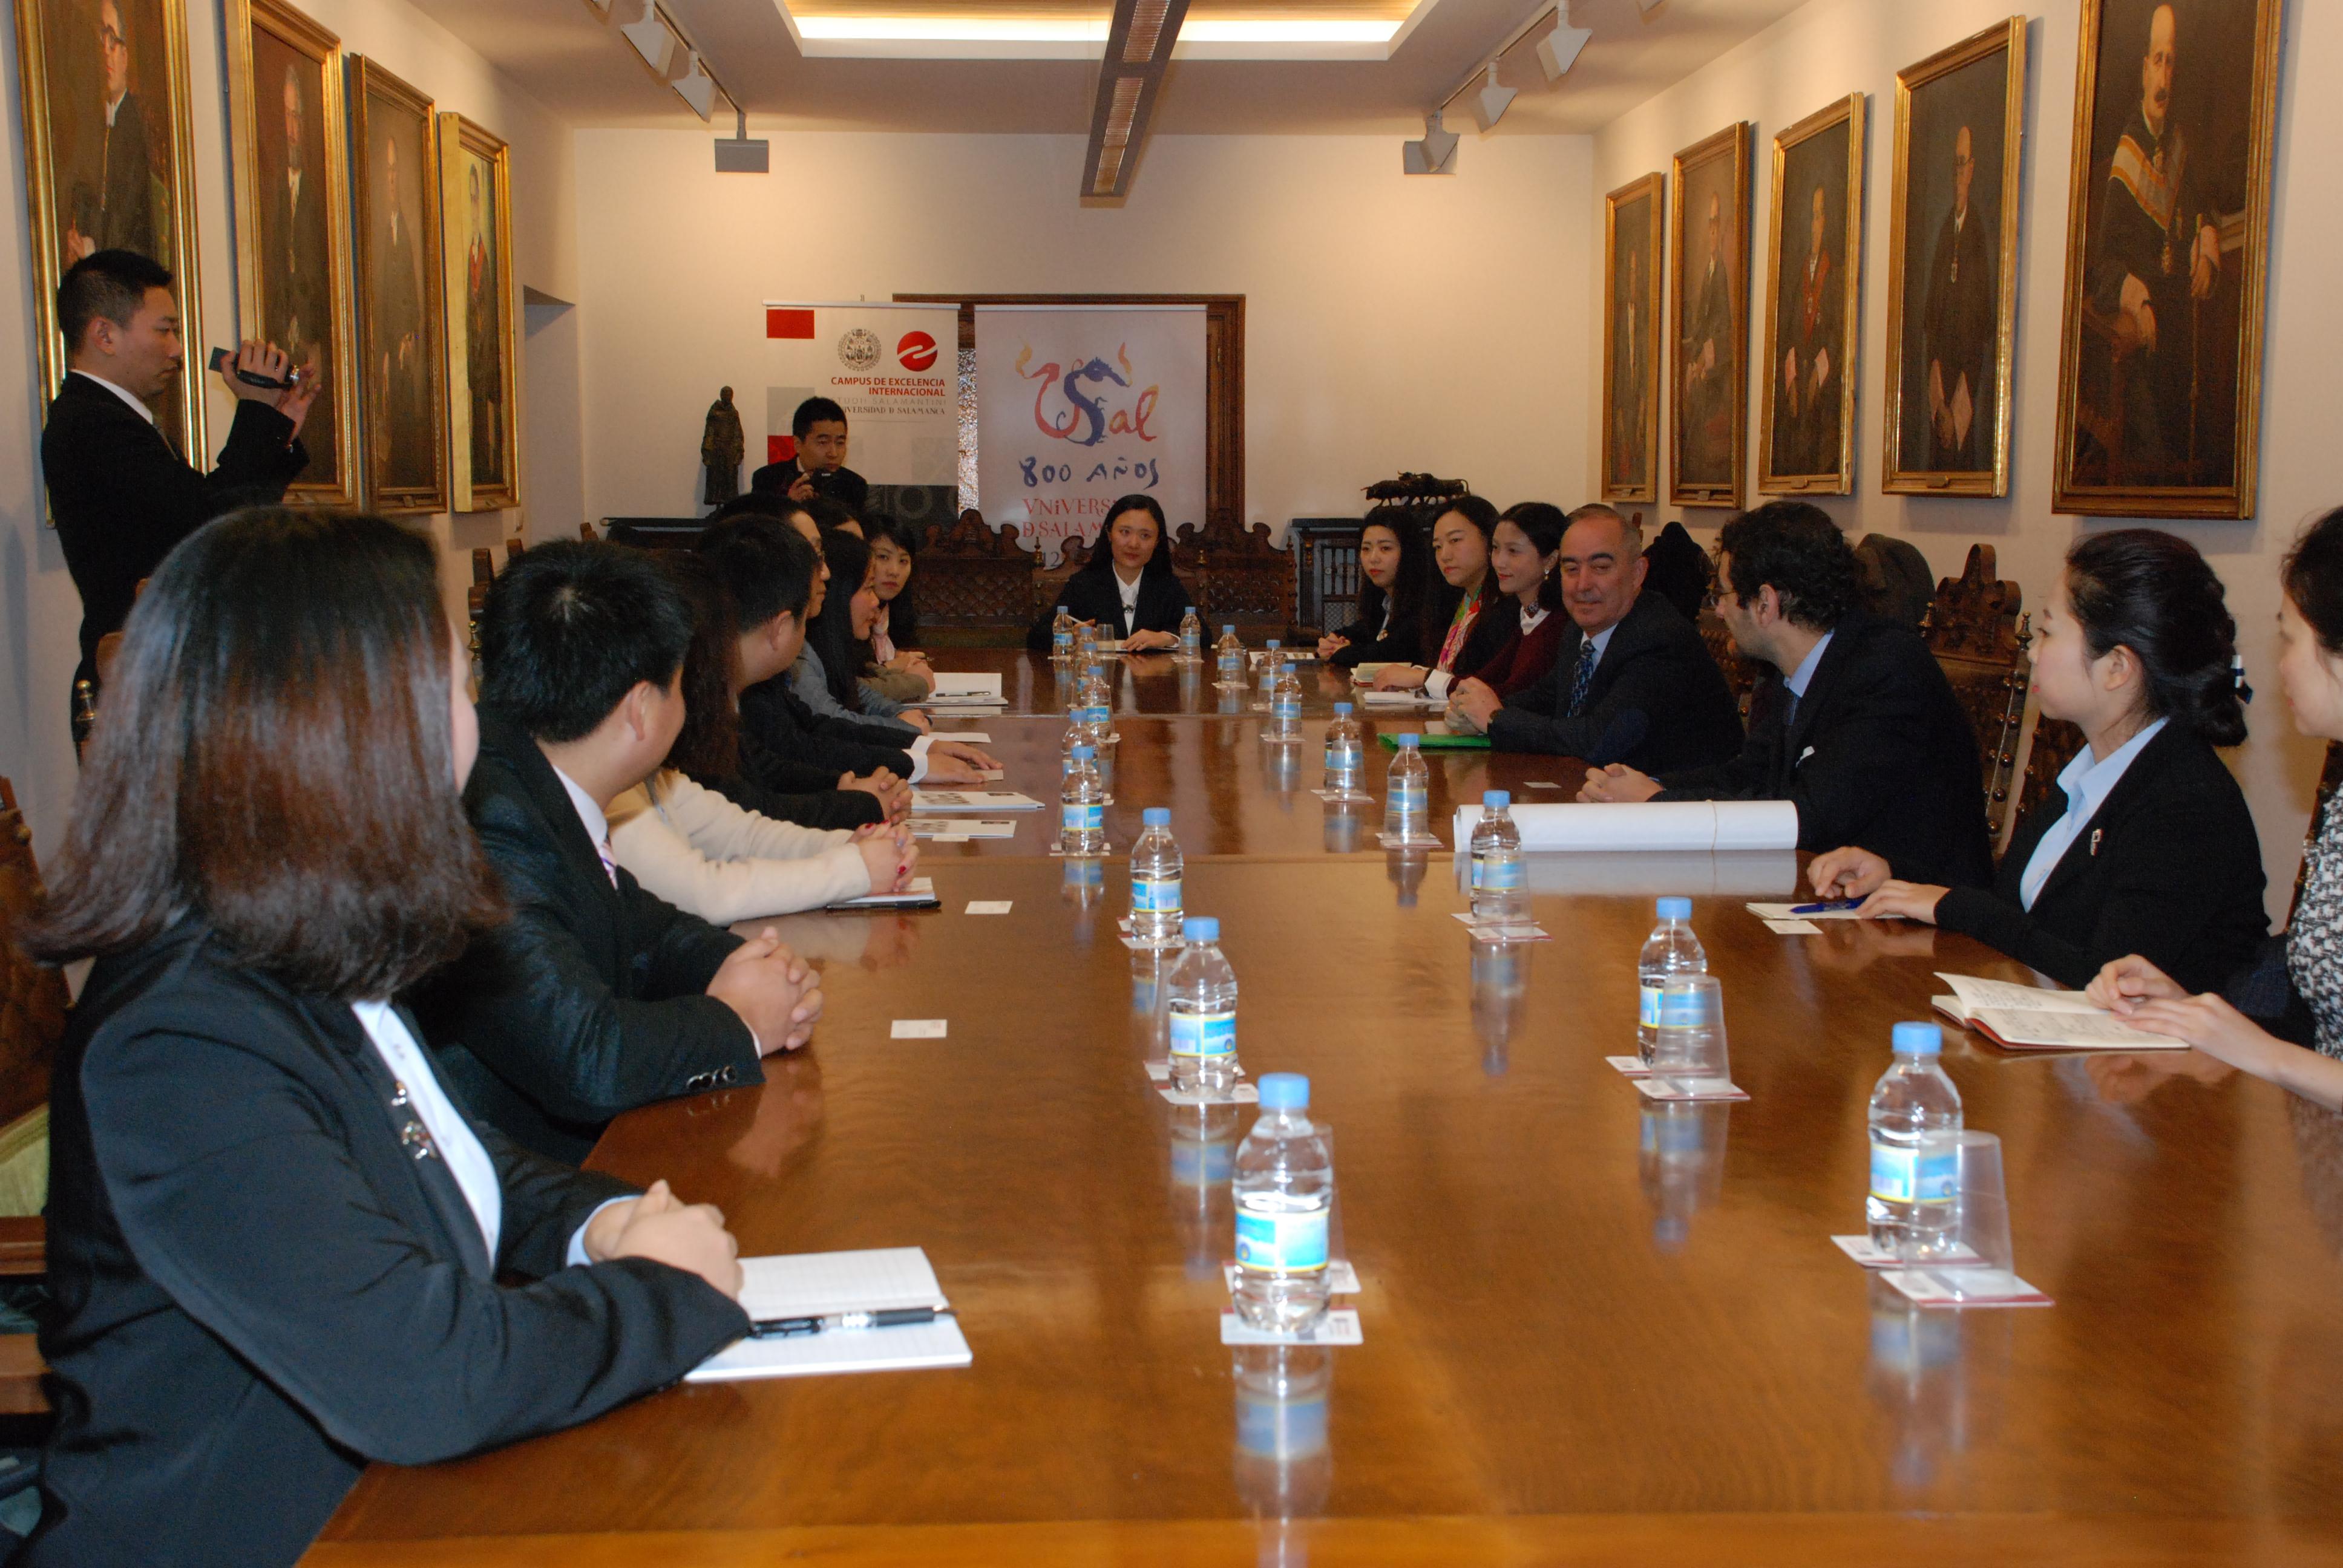 Políticos chinos de la provincia de Sichuan visitan la Universidad de Salamanca para conocer modelos de desarrollo cultural